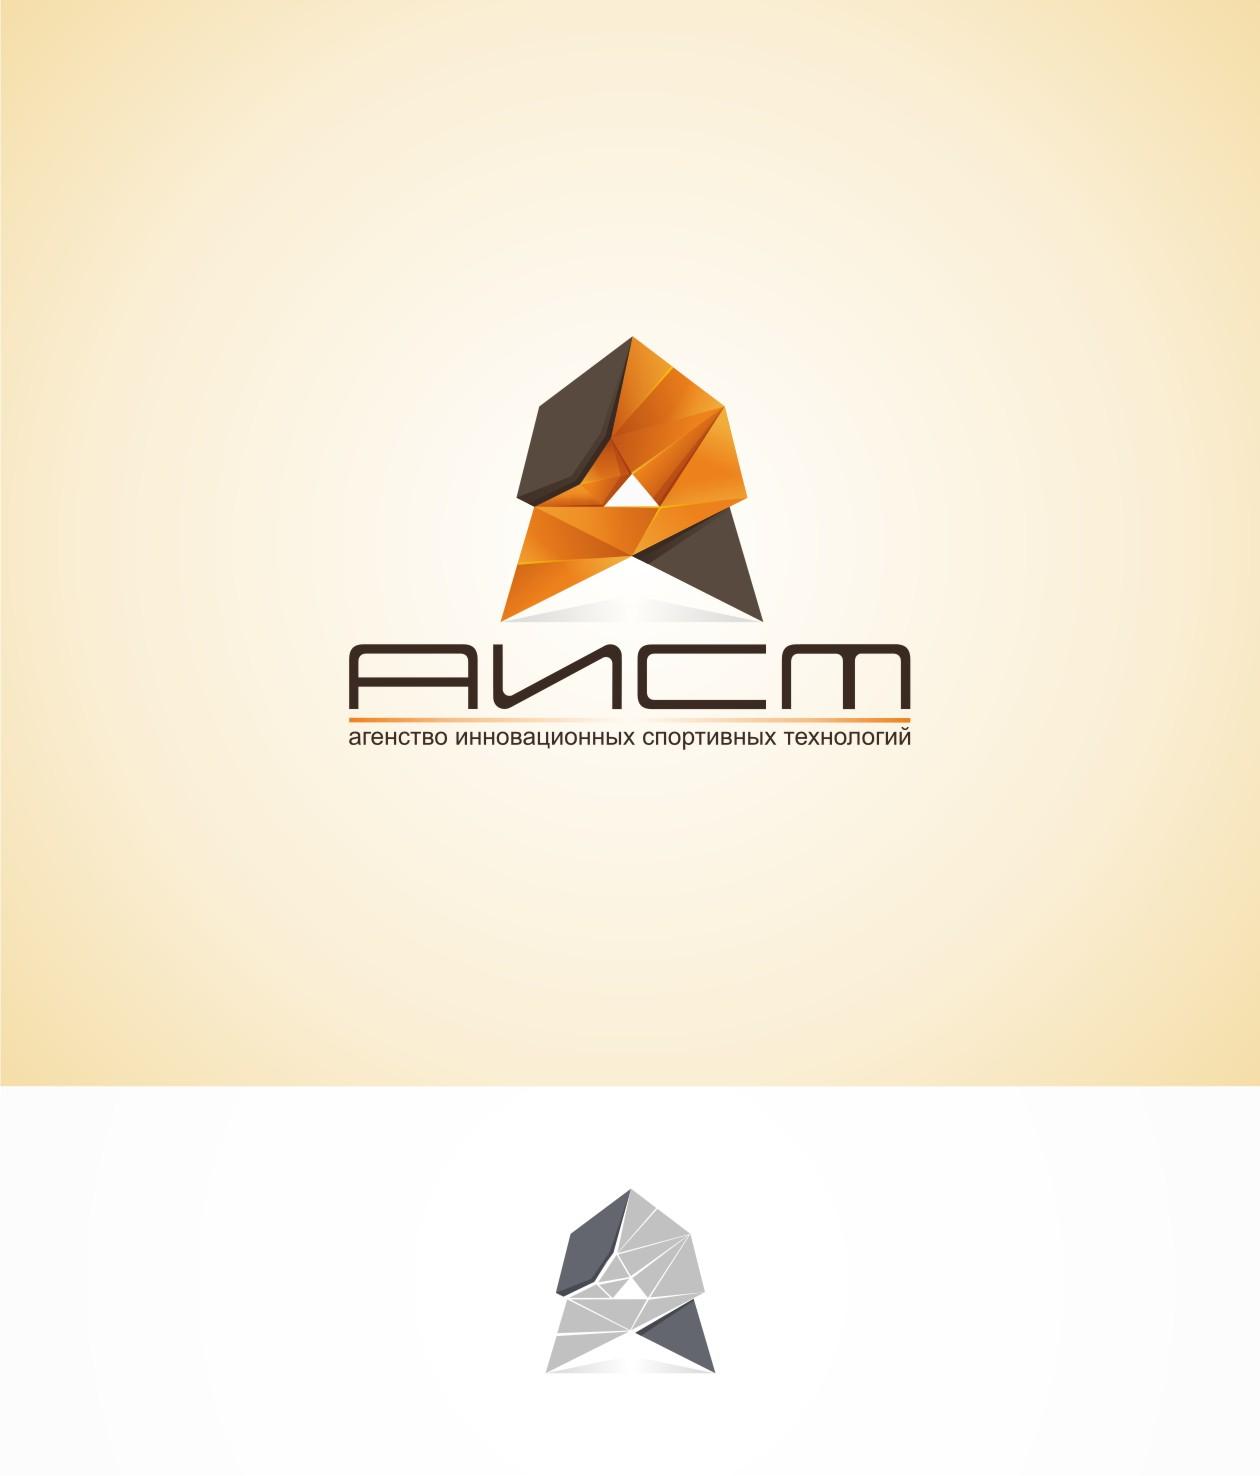 Лого и фирменный стиль (бланк, визитка) фото f_4905177d908337d6.jpg